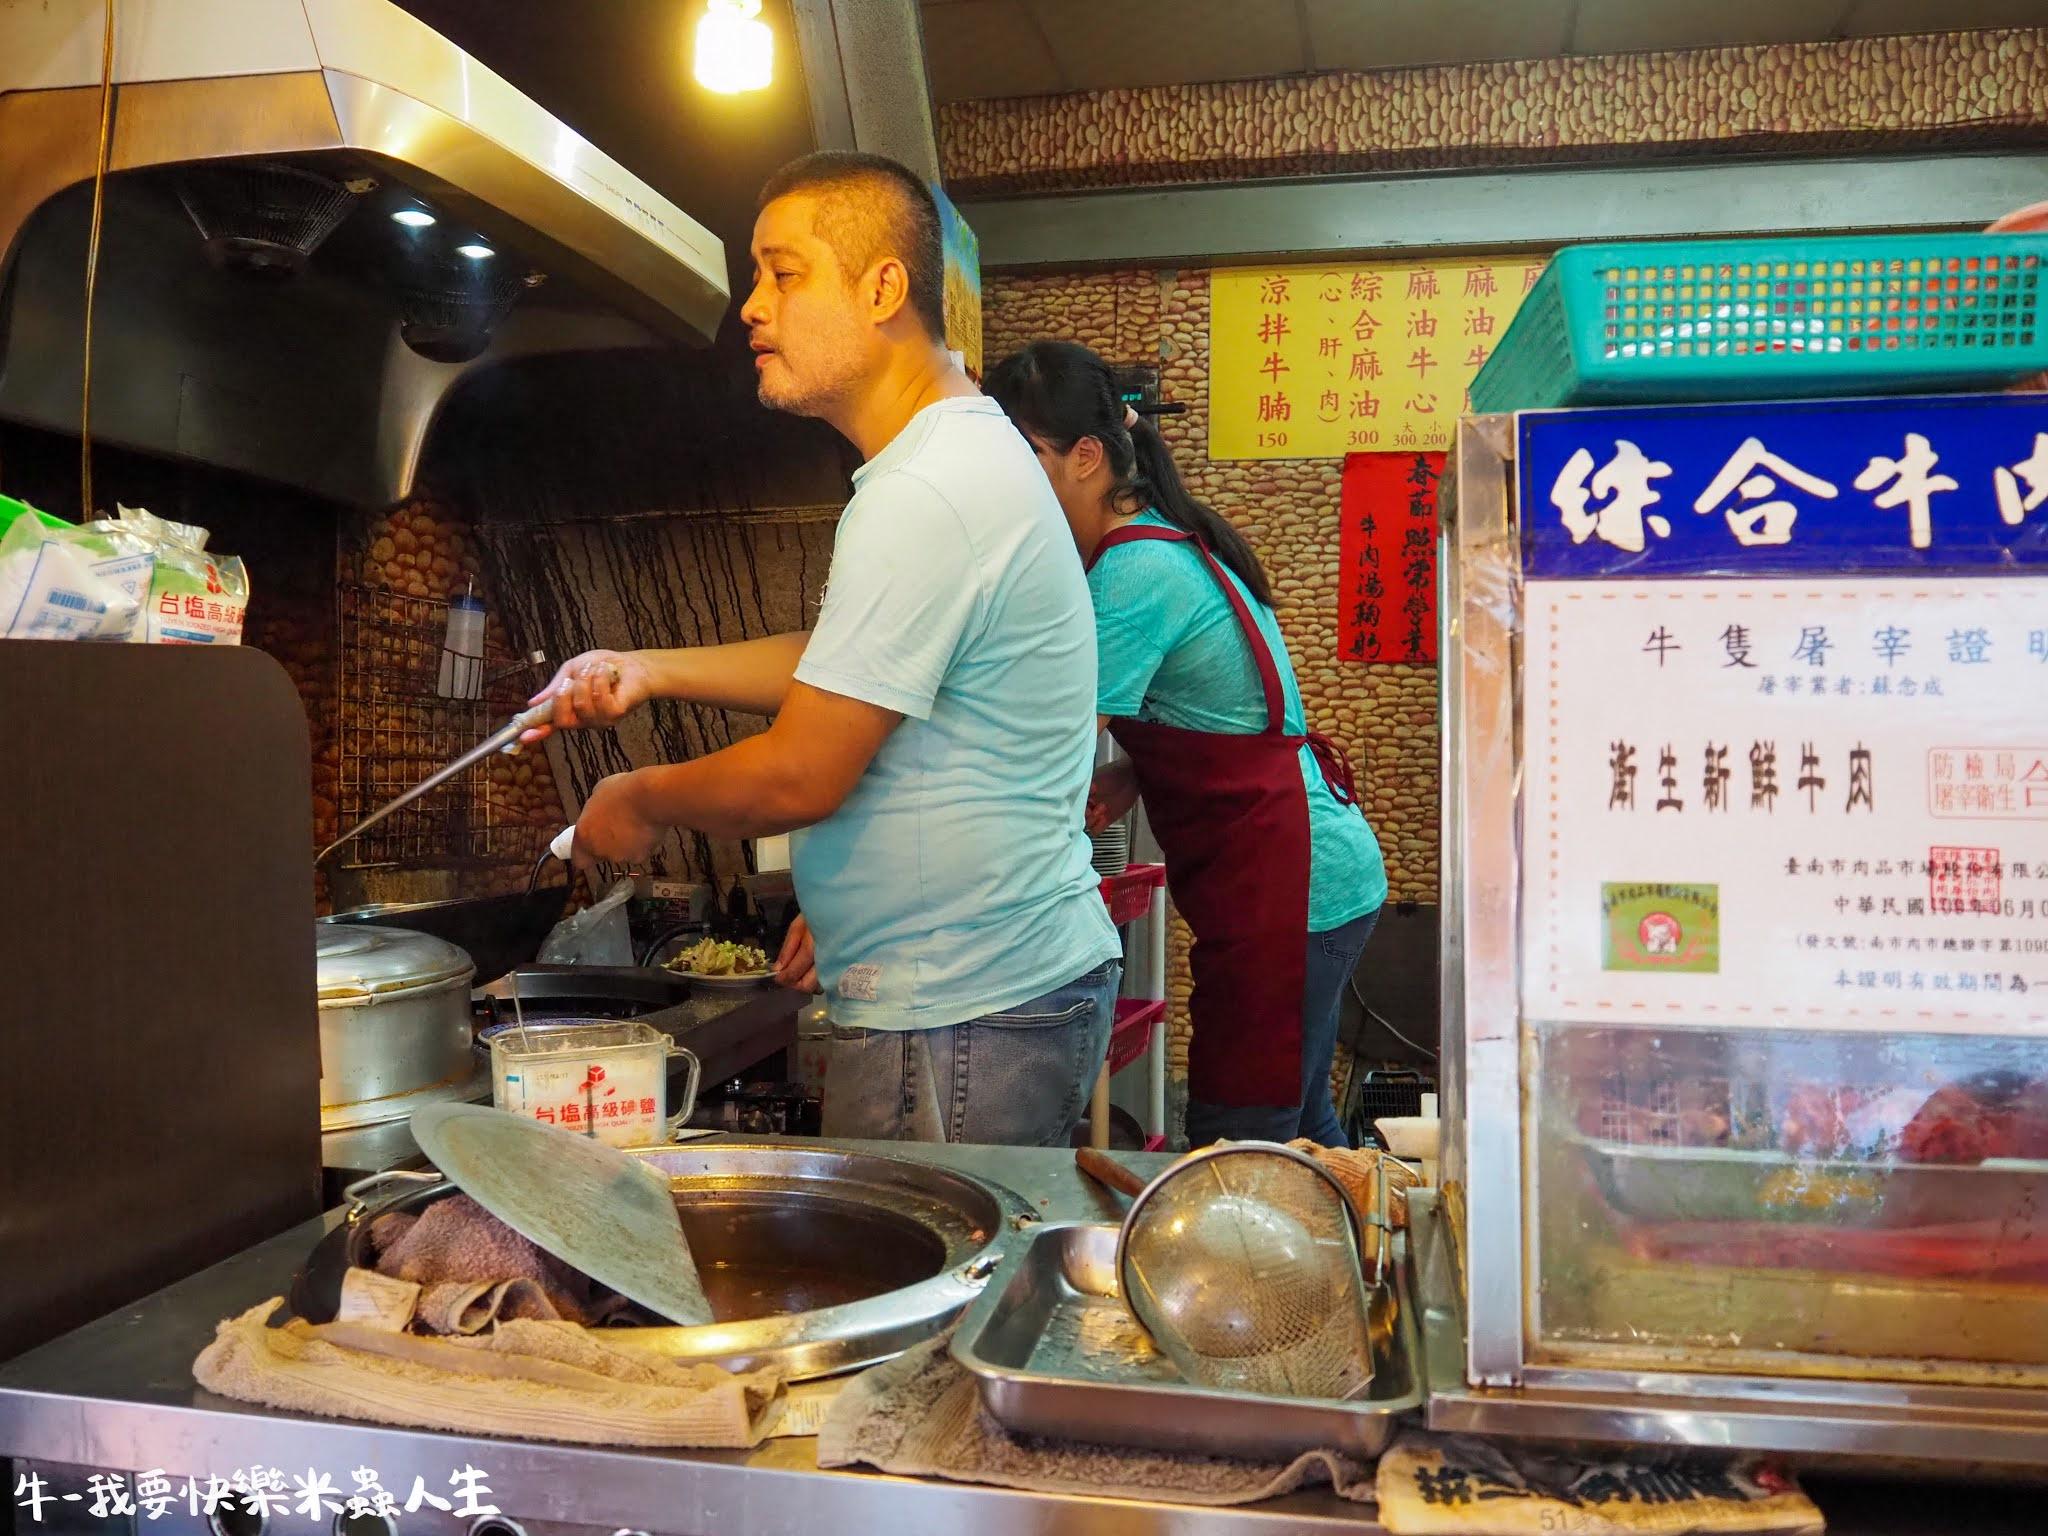 【臺南食記】鬍鬚忠牛肉湯,上等牛肉湯,牛肉肉燥飯 - 牛-我要快樂米蟲人生